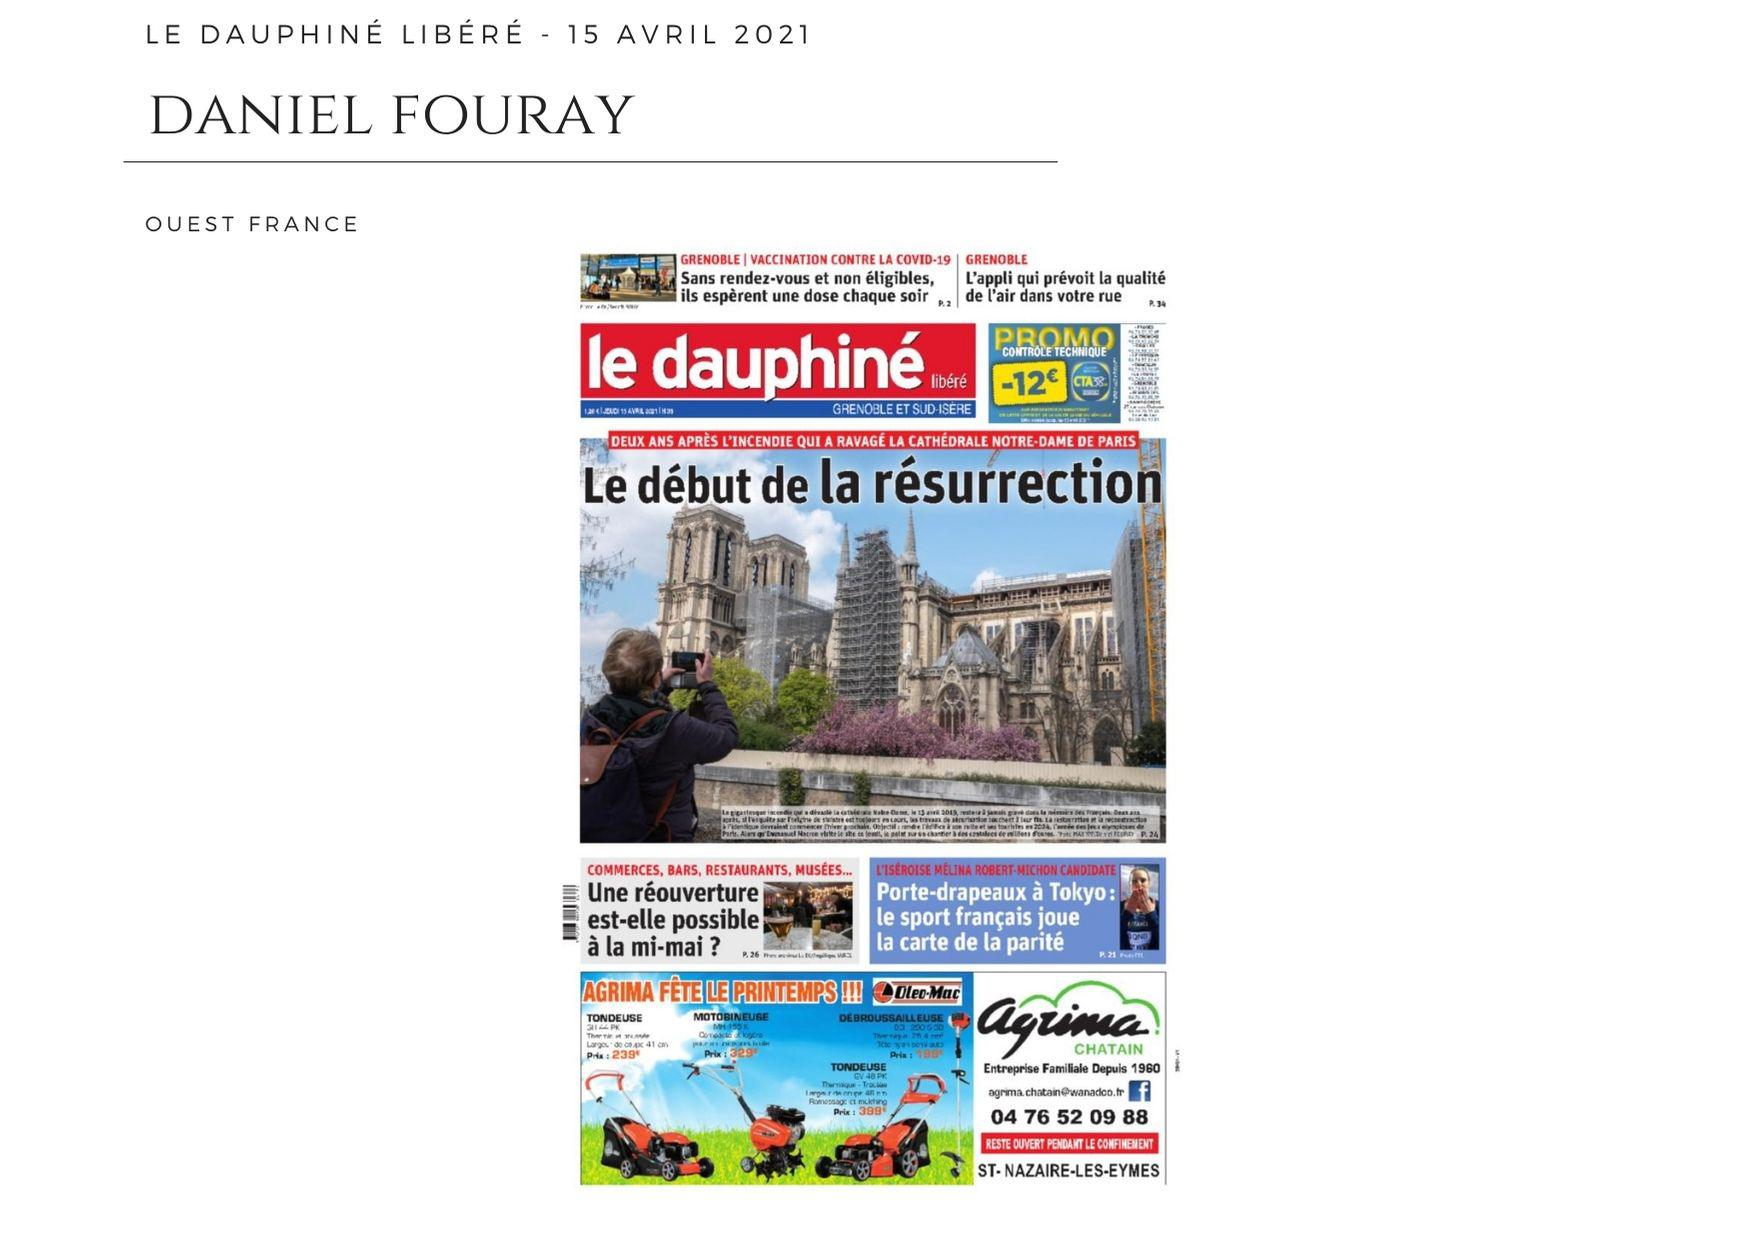 Le Dauphiné Libéré - 15 avril 2021